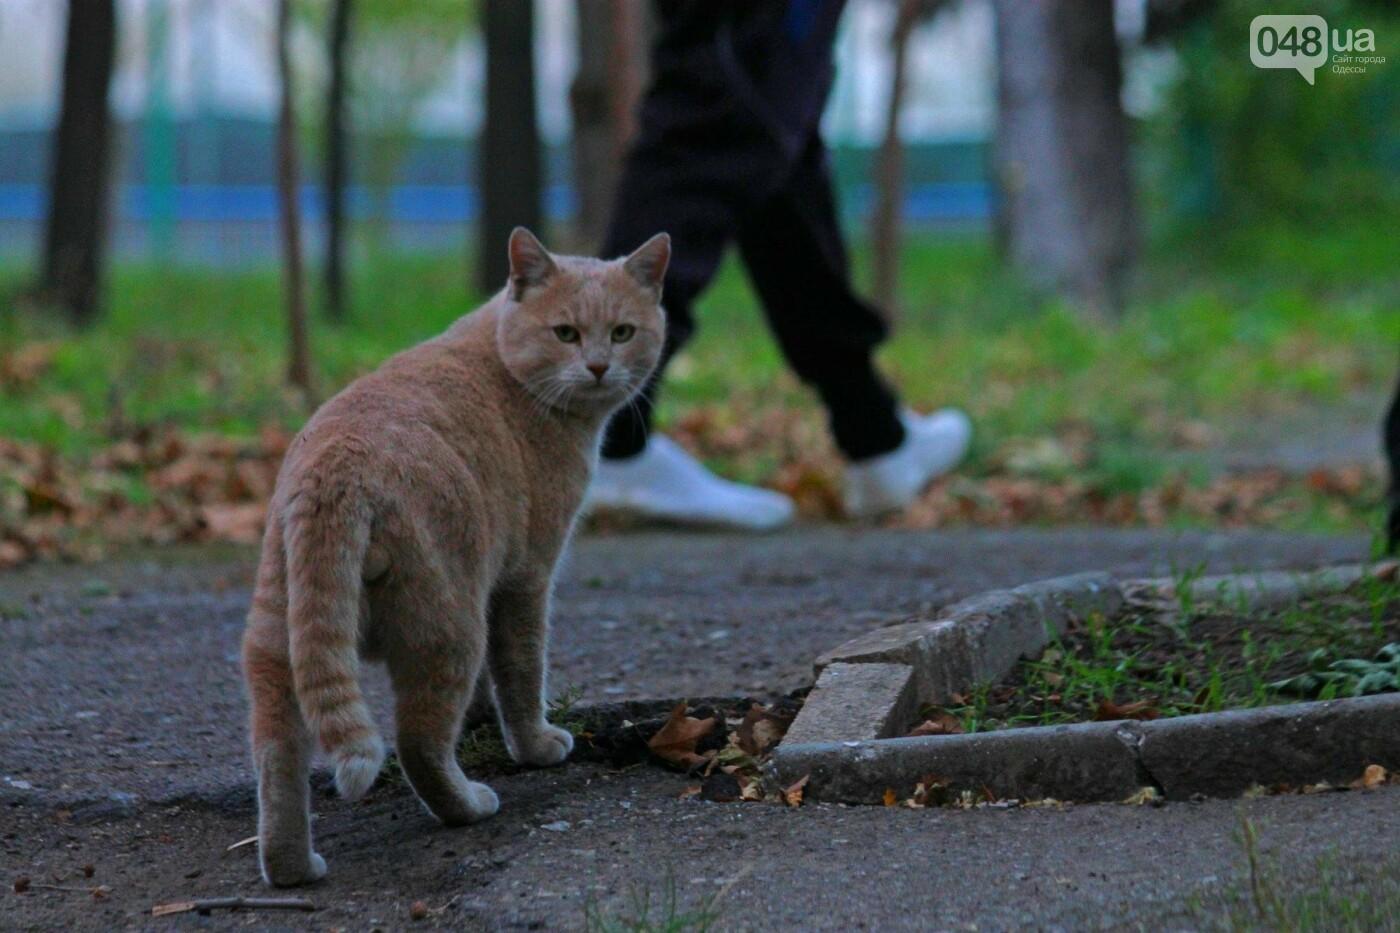 Одесса, которую мы теряем: санаторий им. Чкалова (ФОТОРЕПОРТАЖ), фото-23